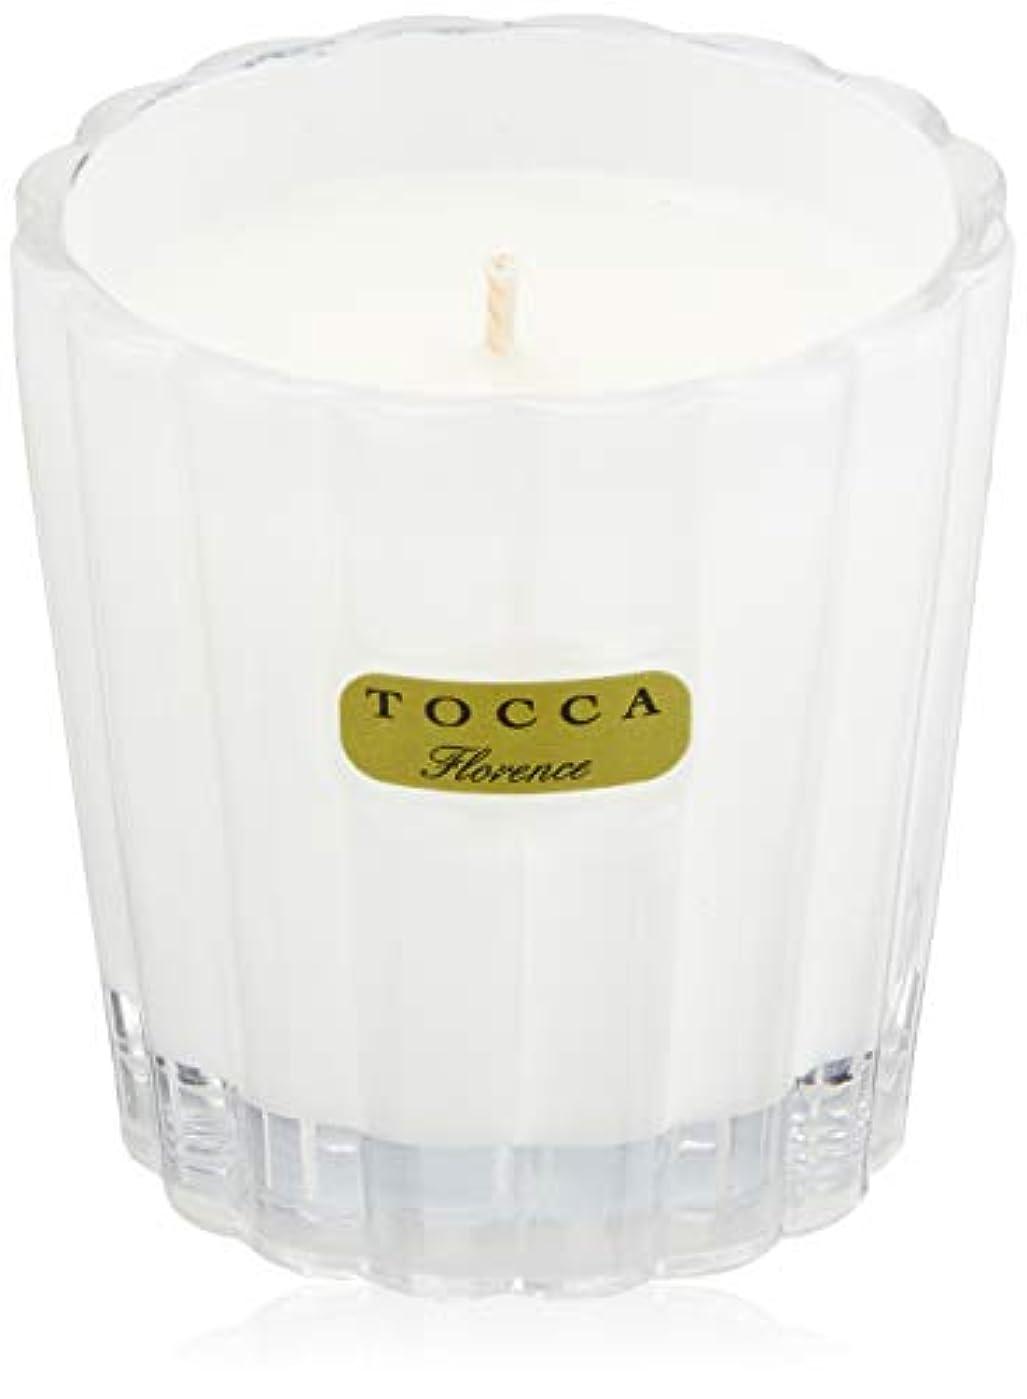 モード衝動川トッカ(TOCCA) キャンデリーナ フローレンスの香り 約85g (キャンドル ろうそく 上品なフローラルの香り)